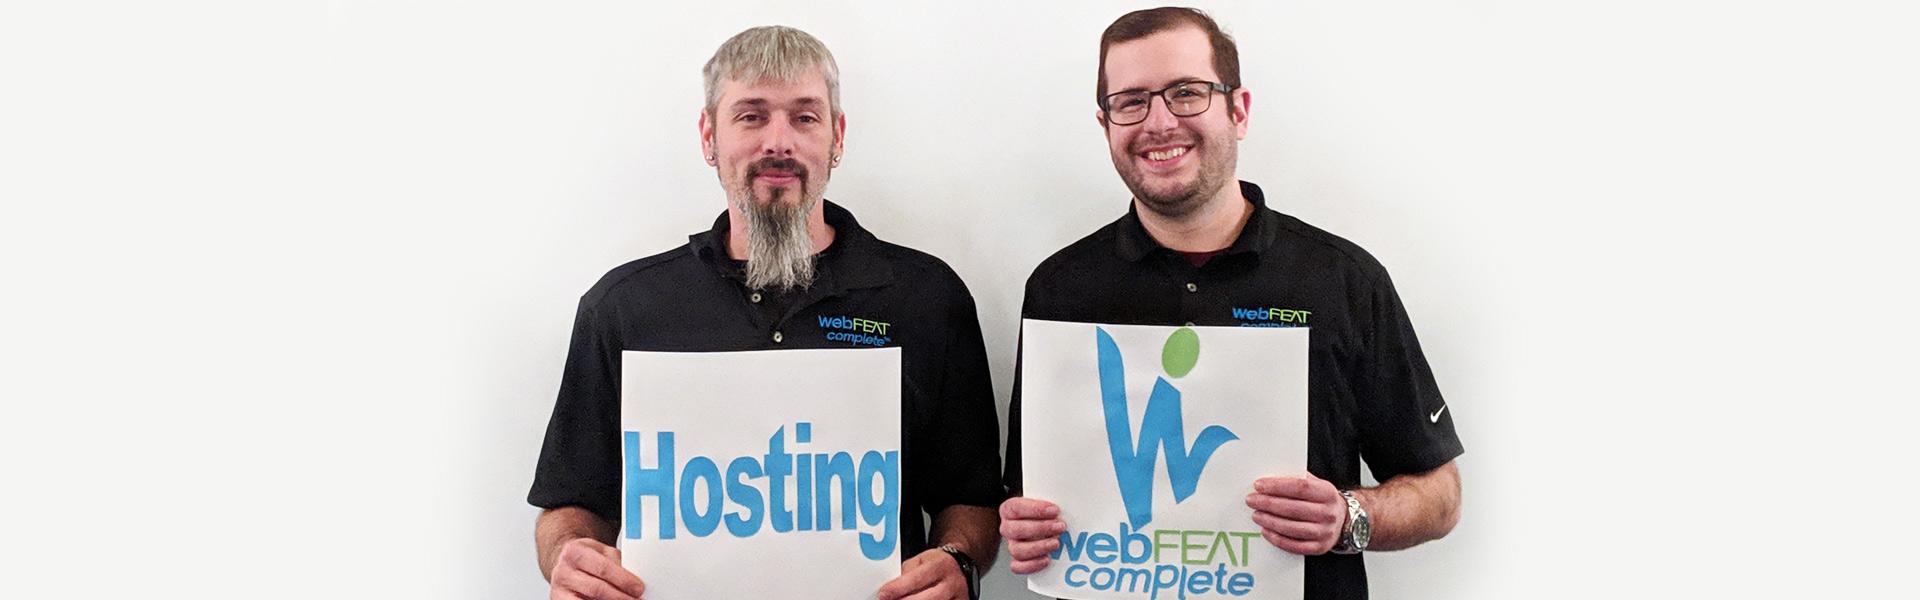 webFEAT Hosting